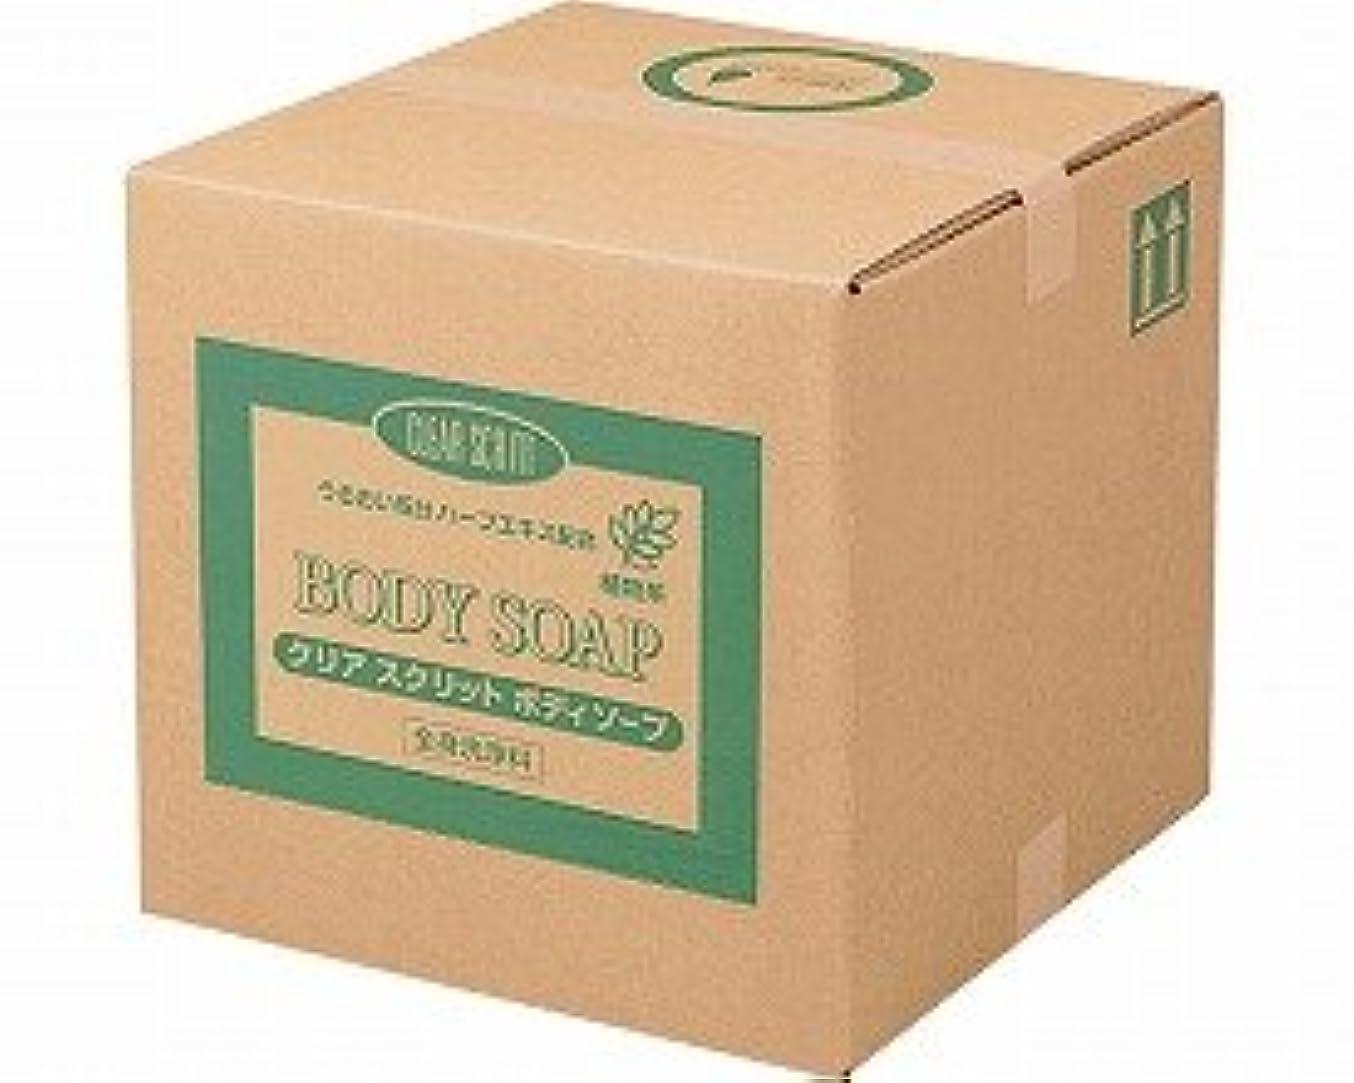 ナットアコーみCLEAR SCRITT(クリアスクリット) ボディソープ 18L コック付 4355 (熊野油脂) (清拭小物)